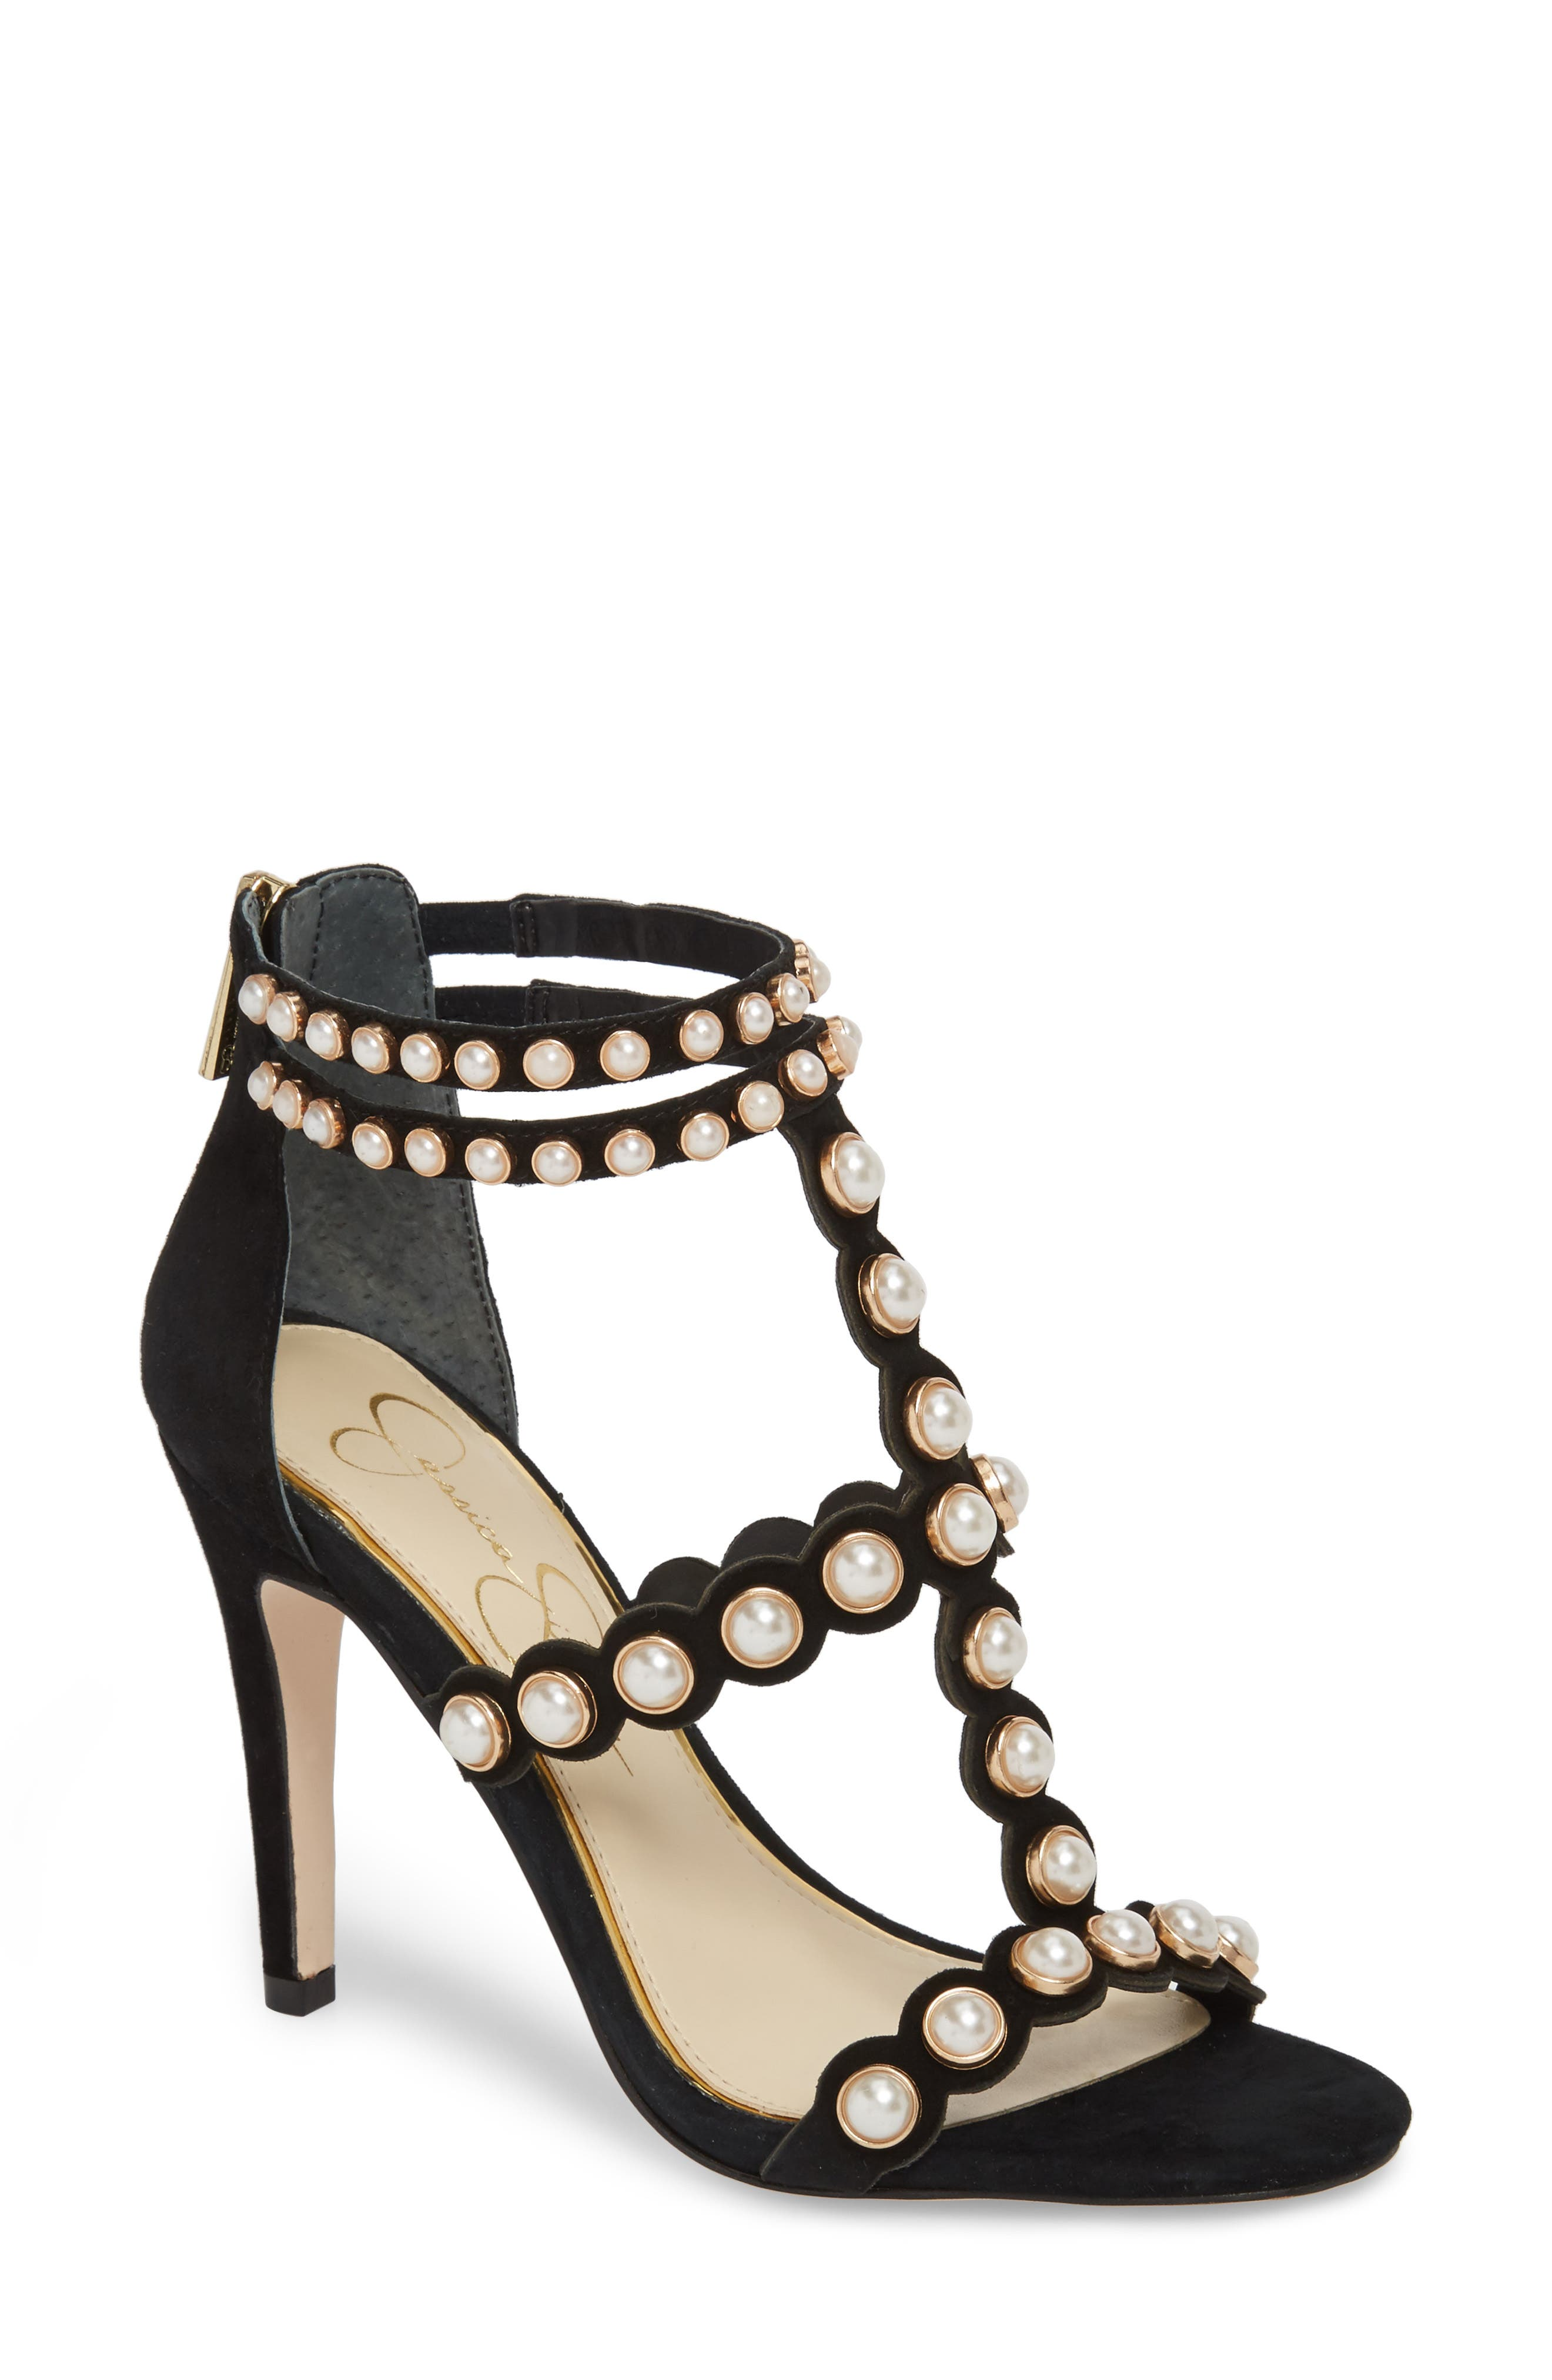 Main Image - Jessica Simpson Eleia Imitation Pearl Stud Sandal (Women)